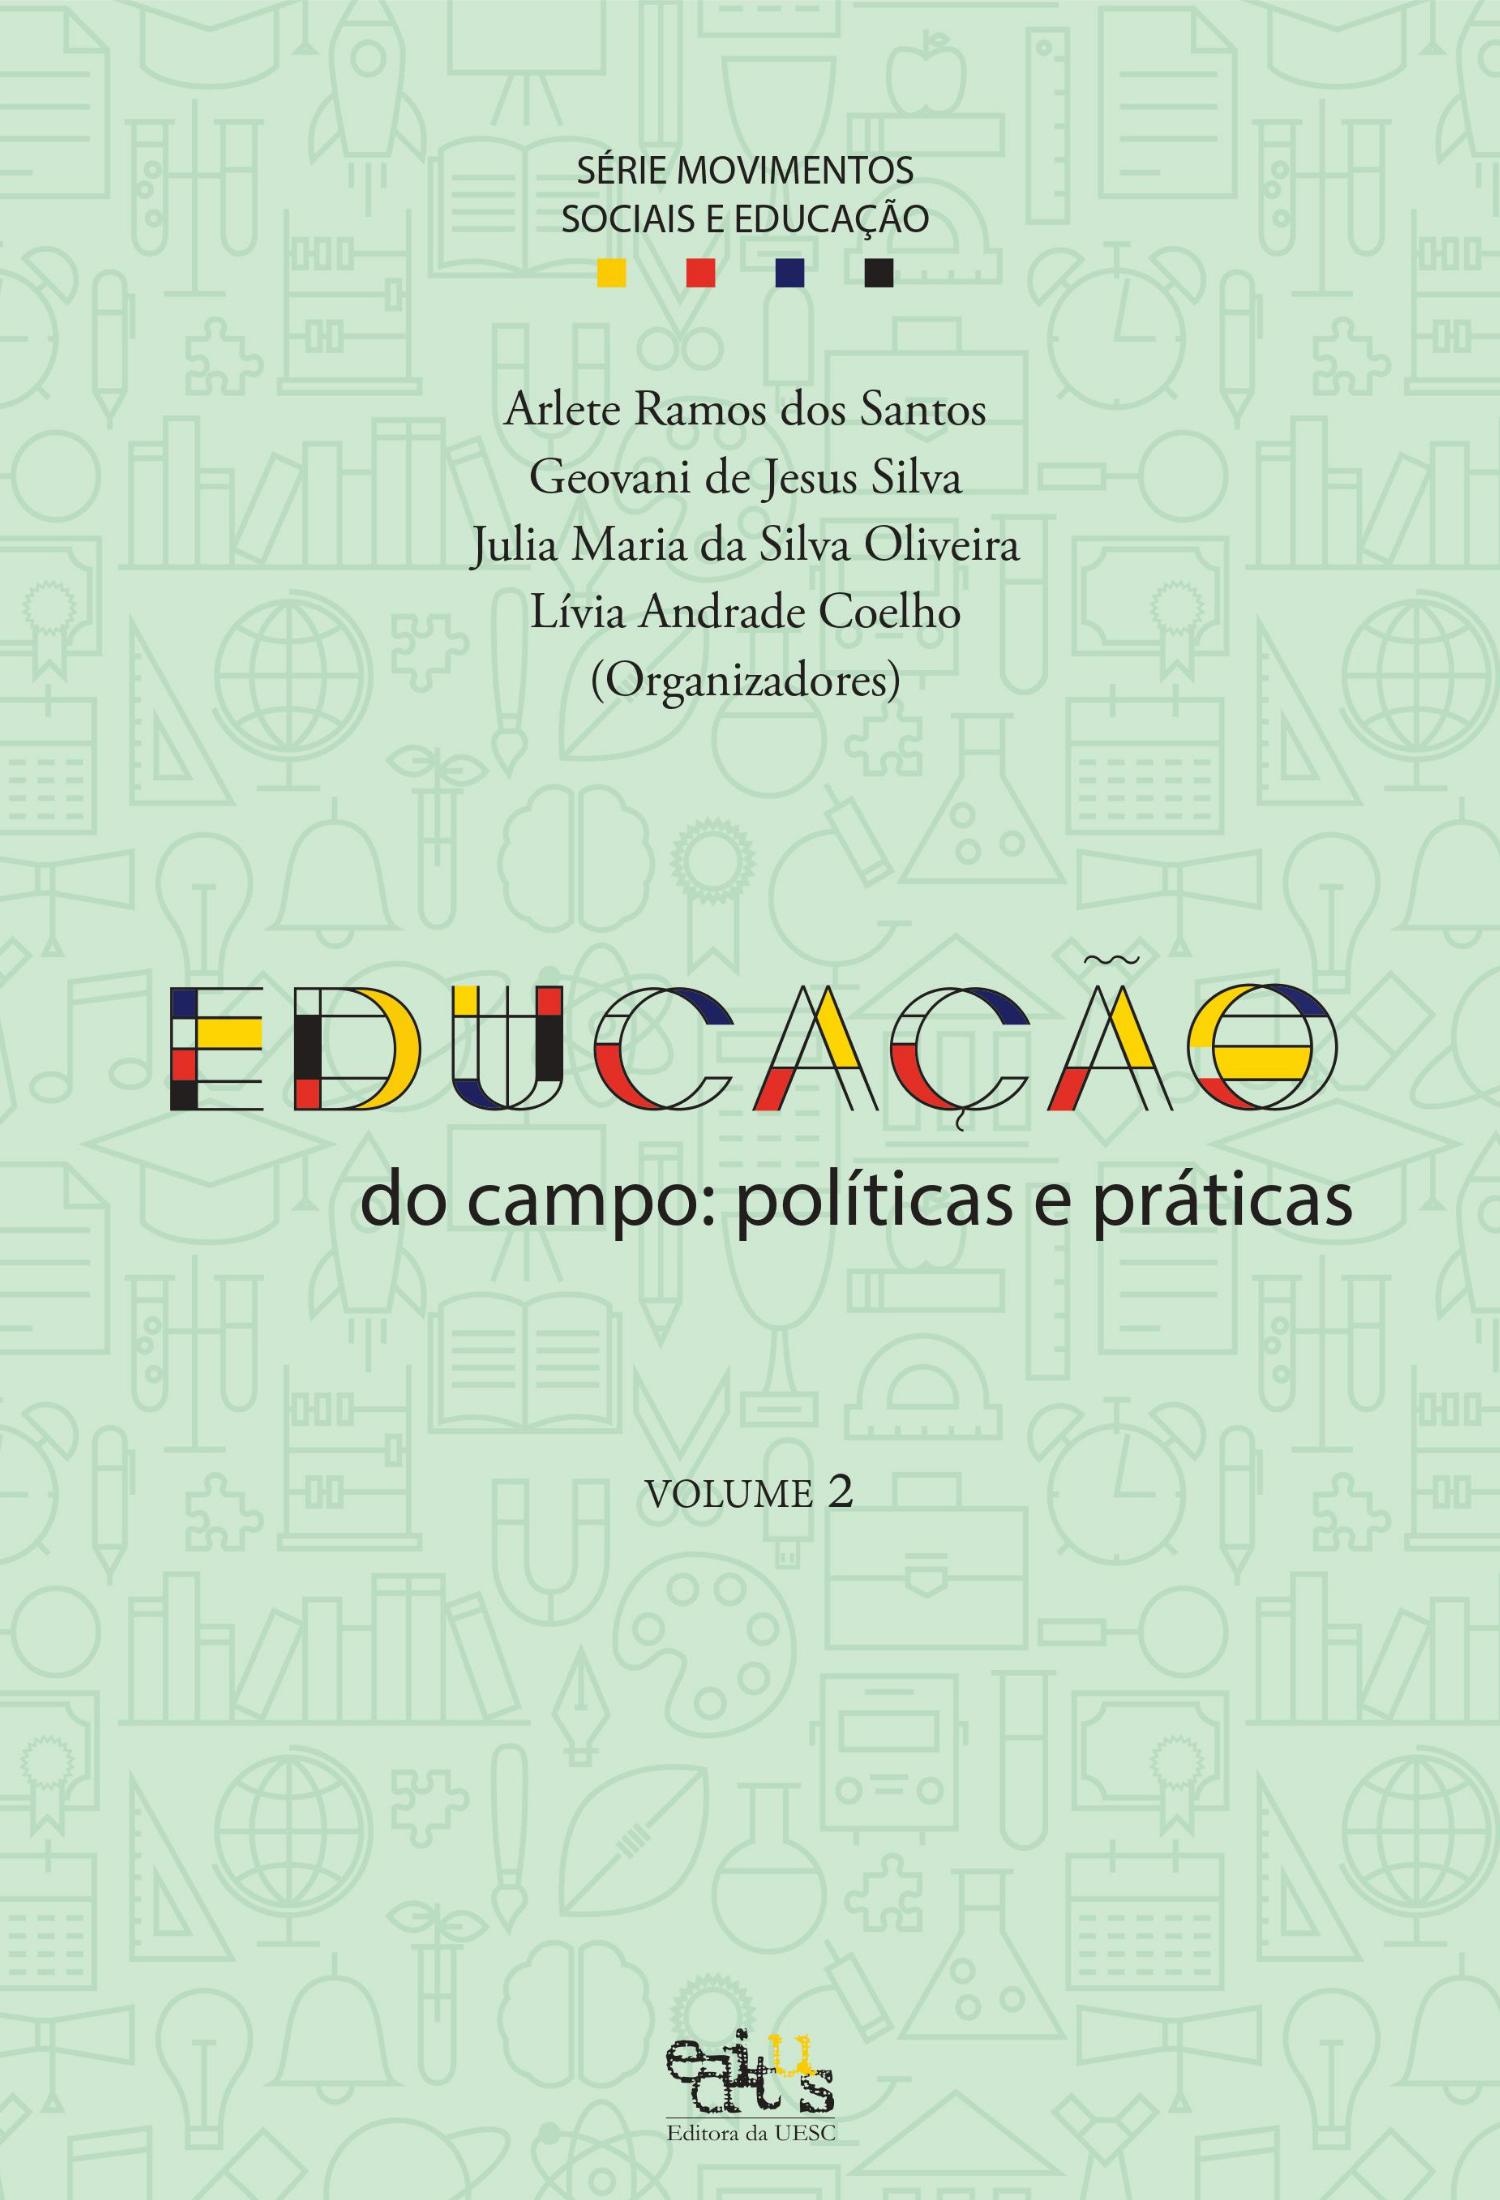 Educação do campo. Políticas e práticas (vol. 2), livro de Arlete Ramos dos Santos, Geovani de Jesus Silva, Julia Maria da Silva Oliveira, Lívia Andrade Coelho